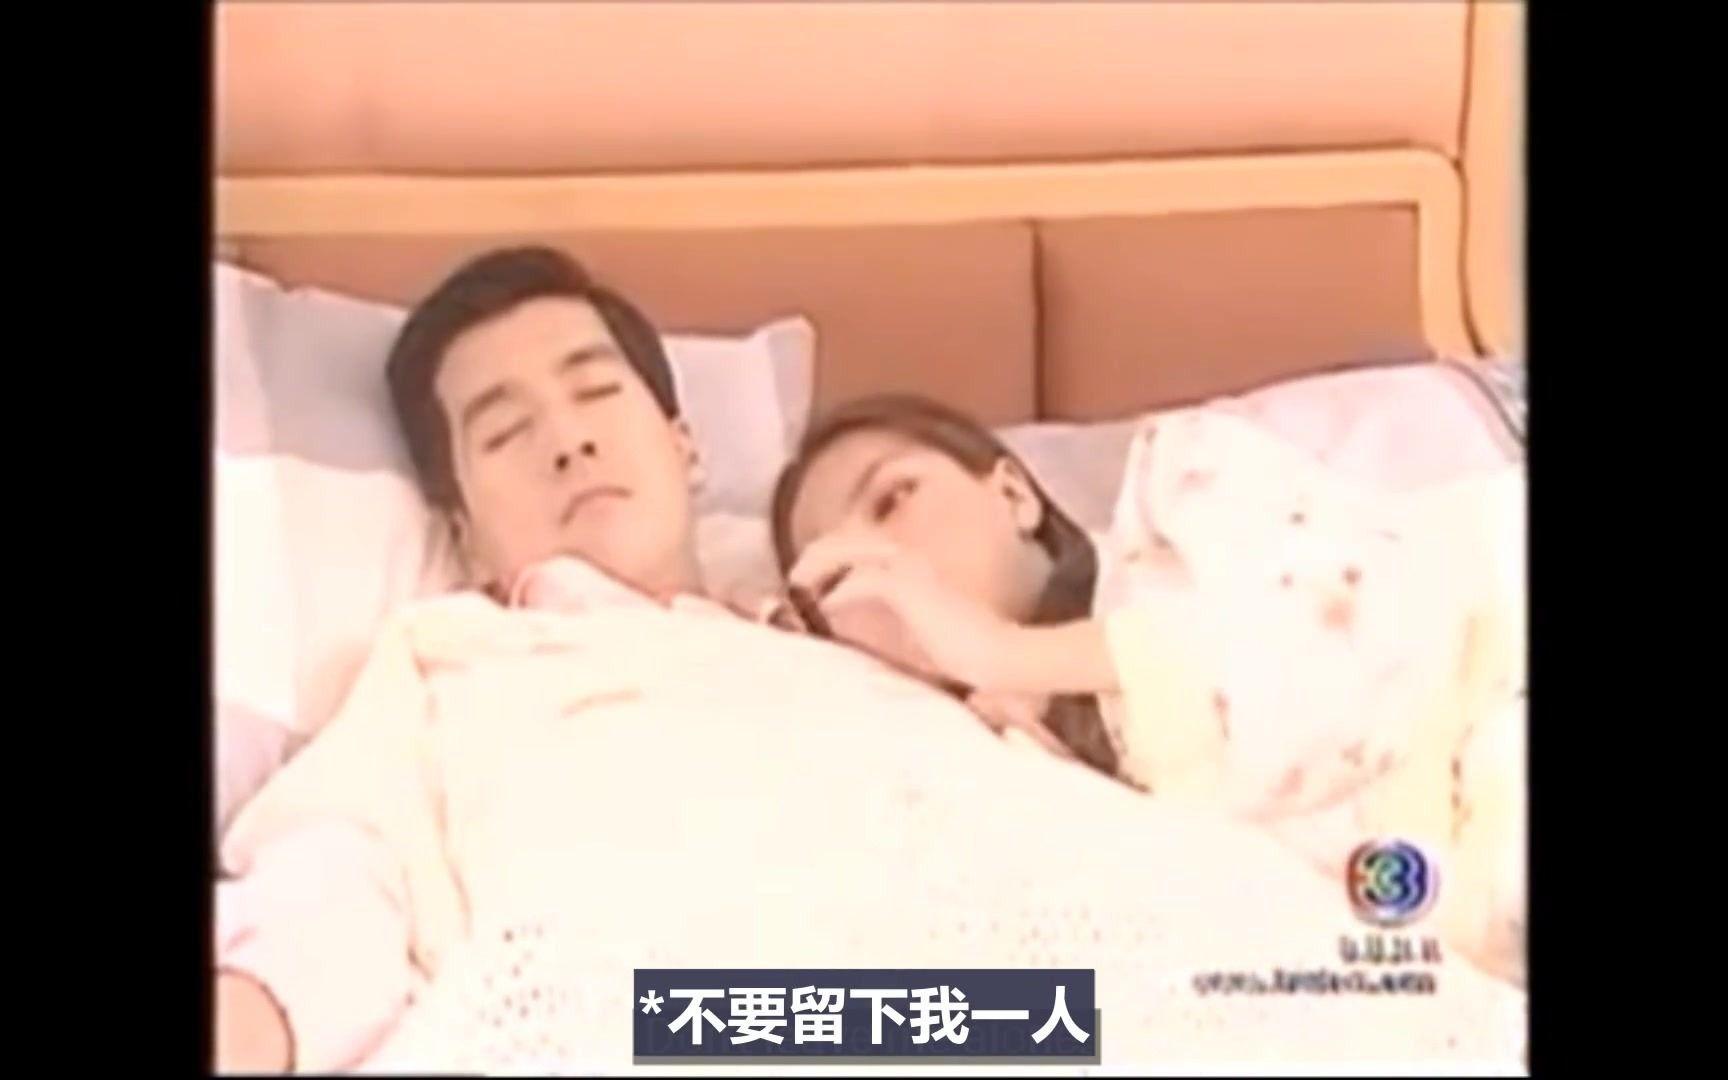 分期付款的丈夫 cut27 女主抱着男主睡觉